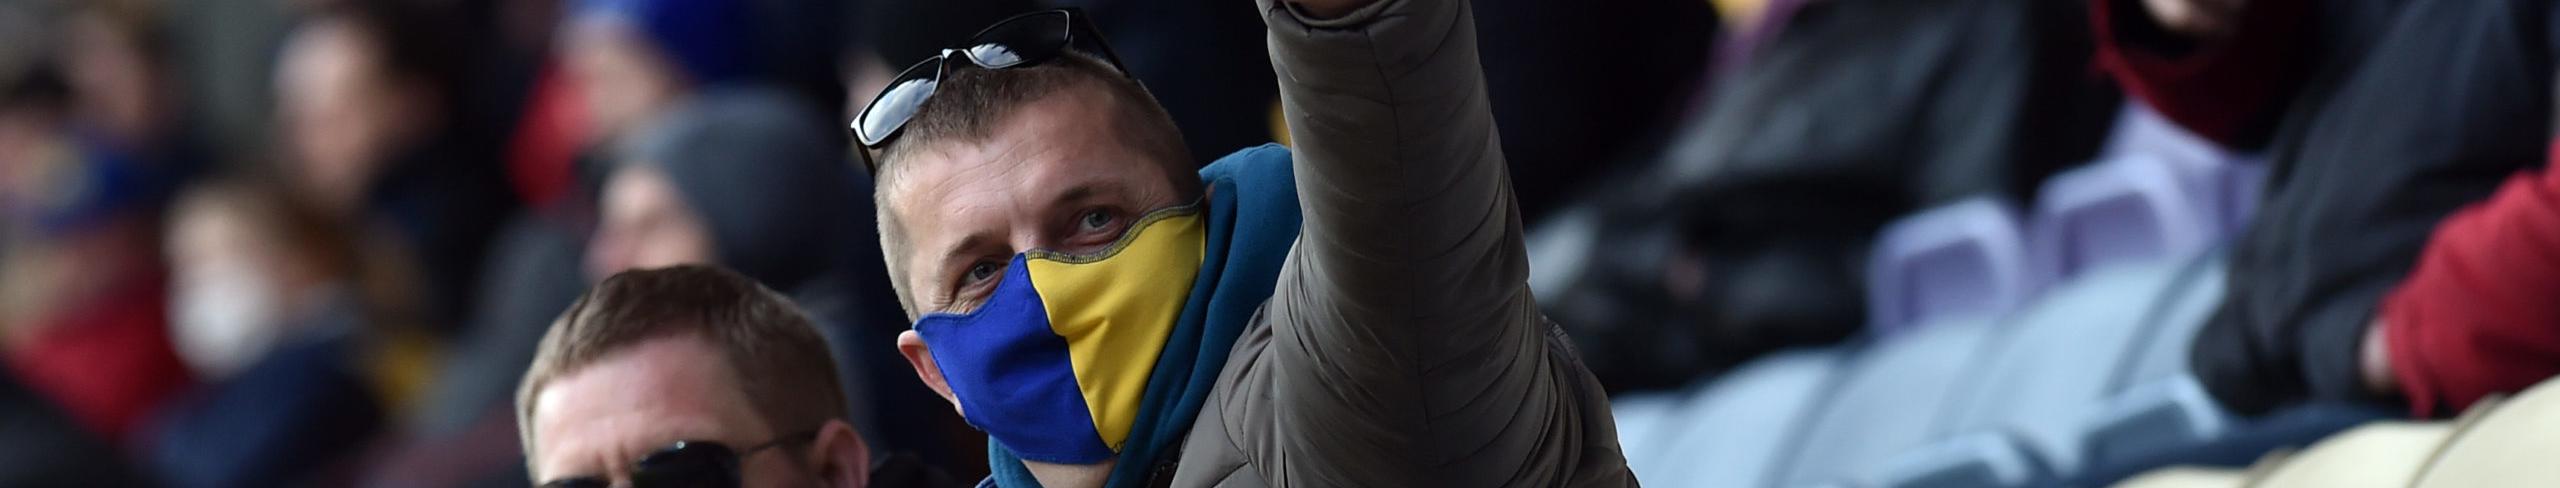 BATE Borisov-Torpedo Zhodino, il Re di Bielorussia vuole riprendersi il trono